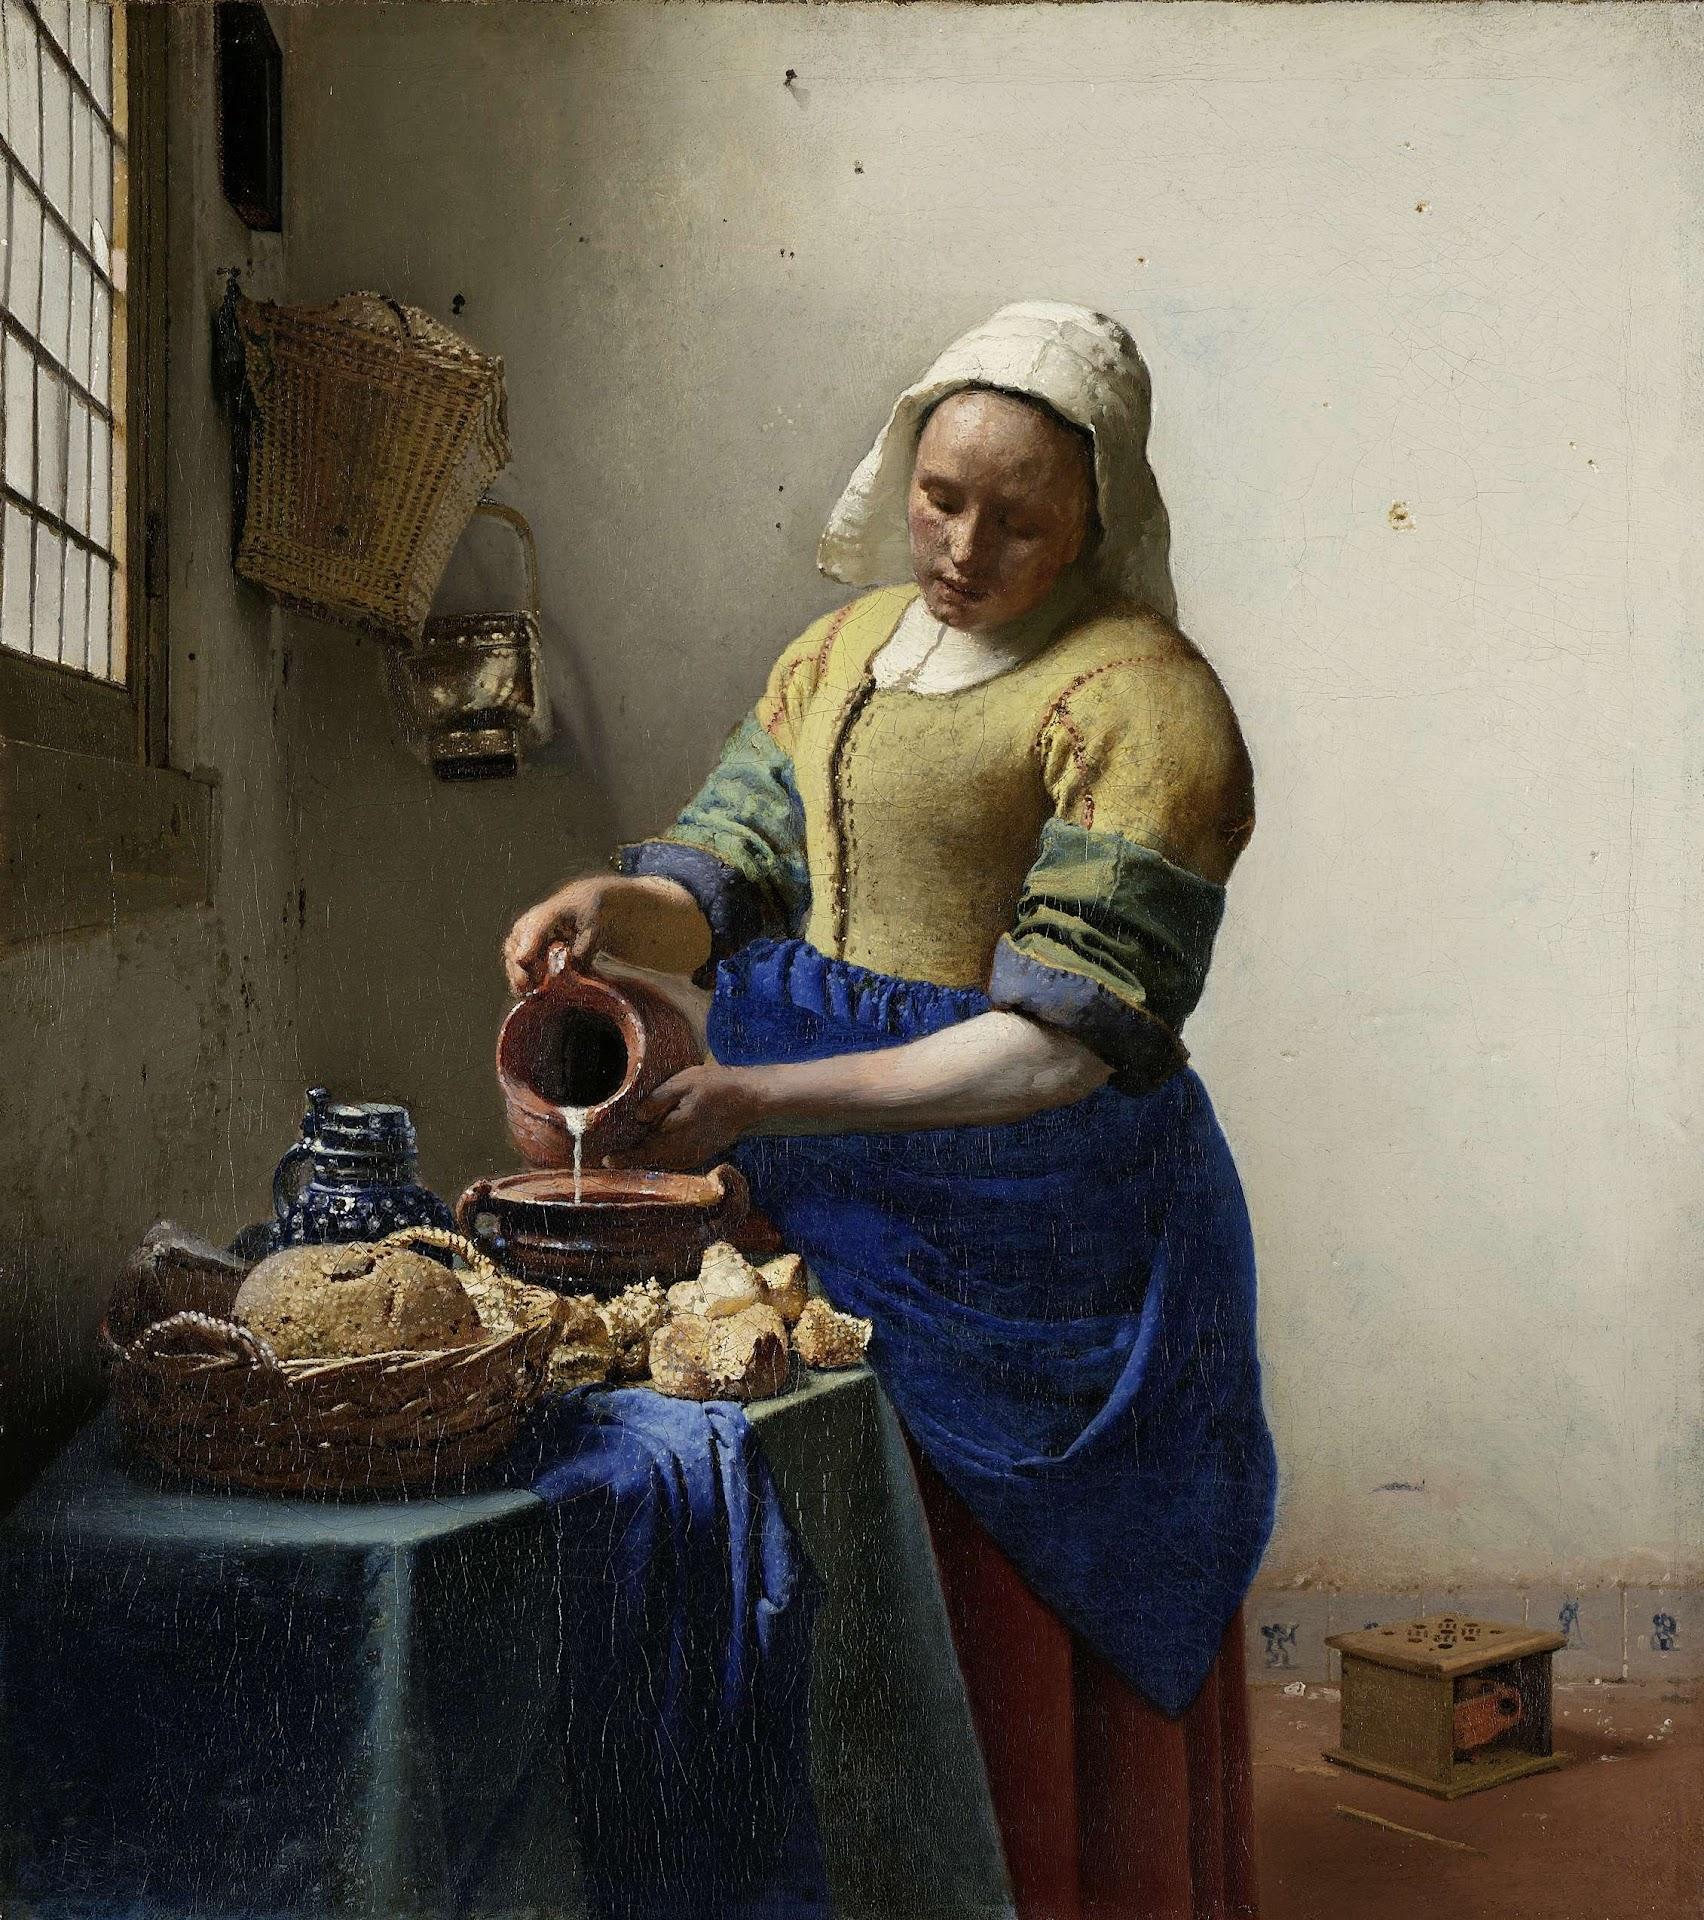 La lechera de Vermeer, una de las grandes obras del Rijksmuseum